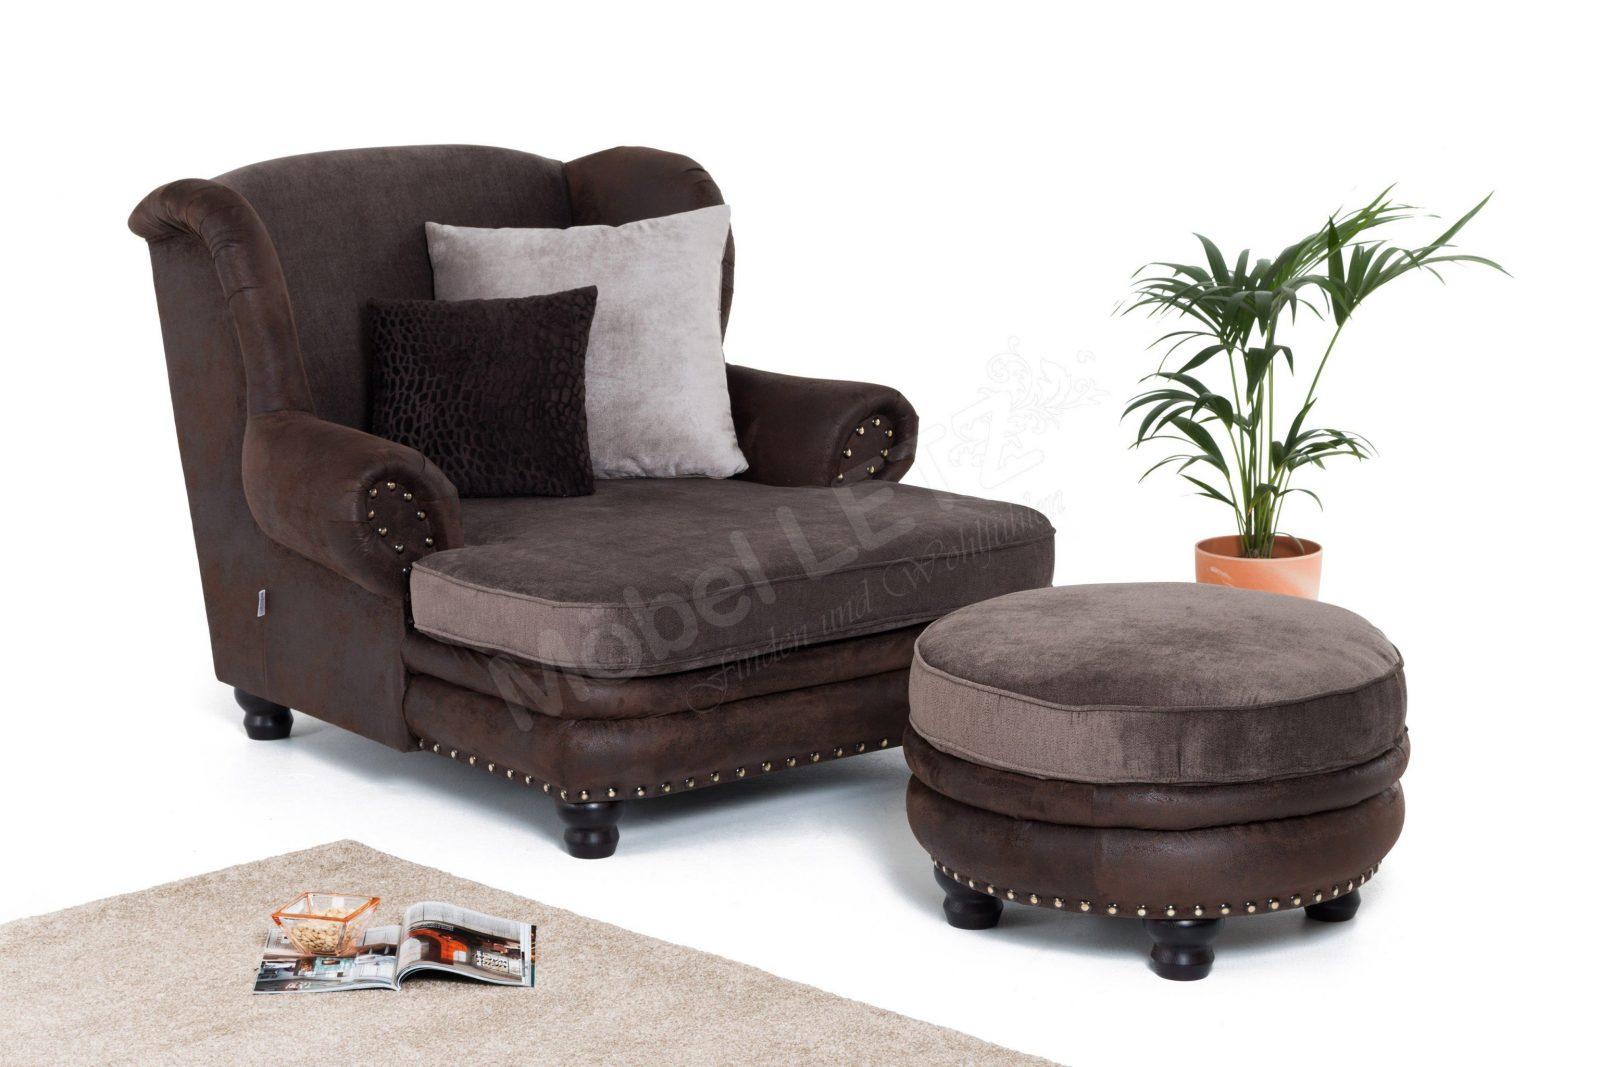 Gutmann Factory Chalet Bigsessel In Braun  Möbel Letz  Ihr Onlineshop von Gutmann Factory Big Sofa Bild